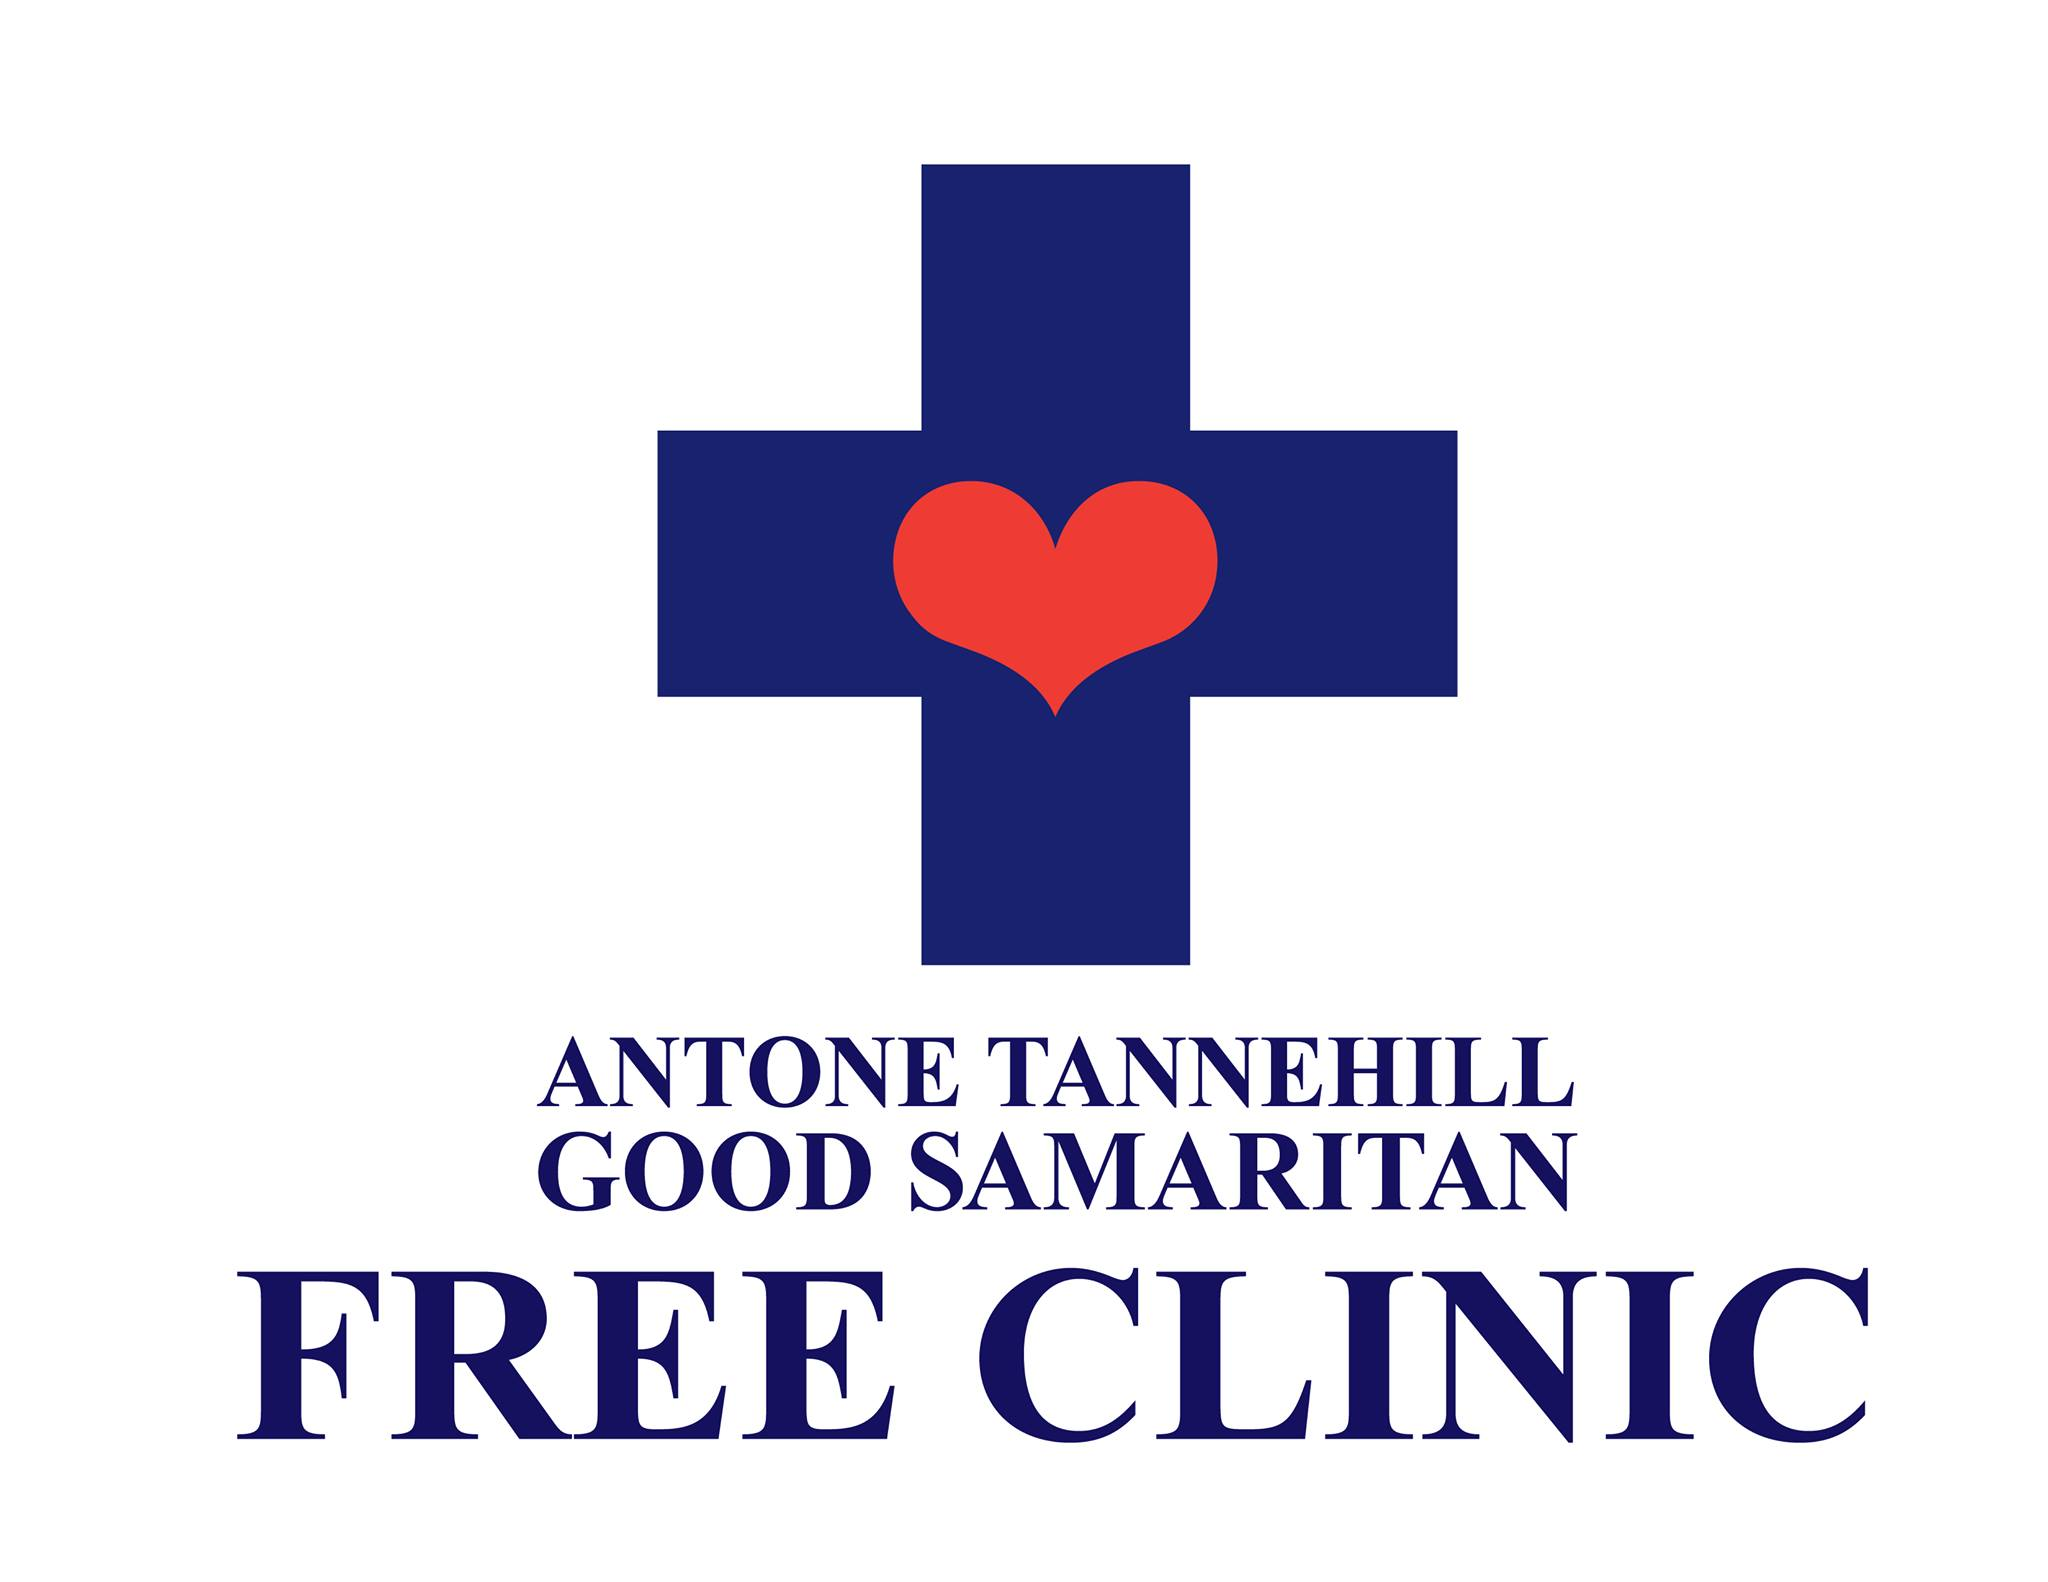 Antone Tannehill Good Samaritan Free Clinic